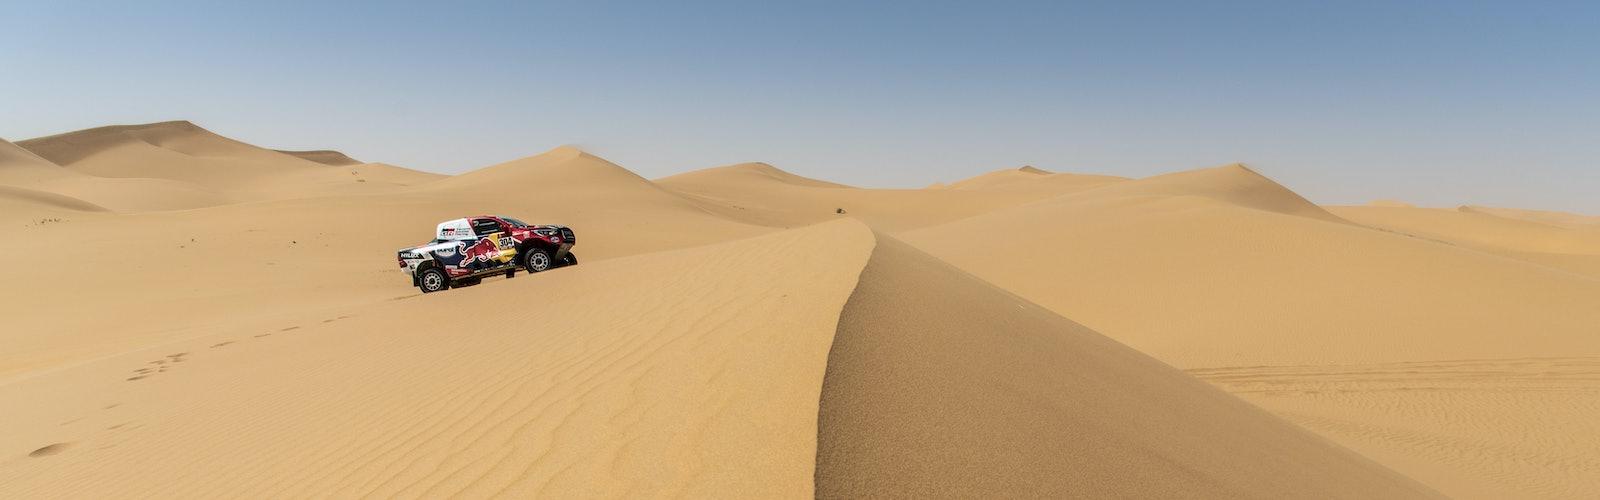 AUTO – DAKAR 2020 SAUDI ARABIA – PART 2